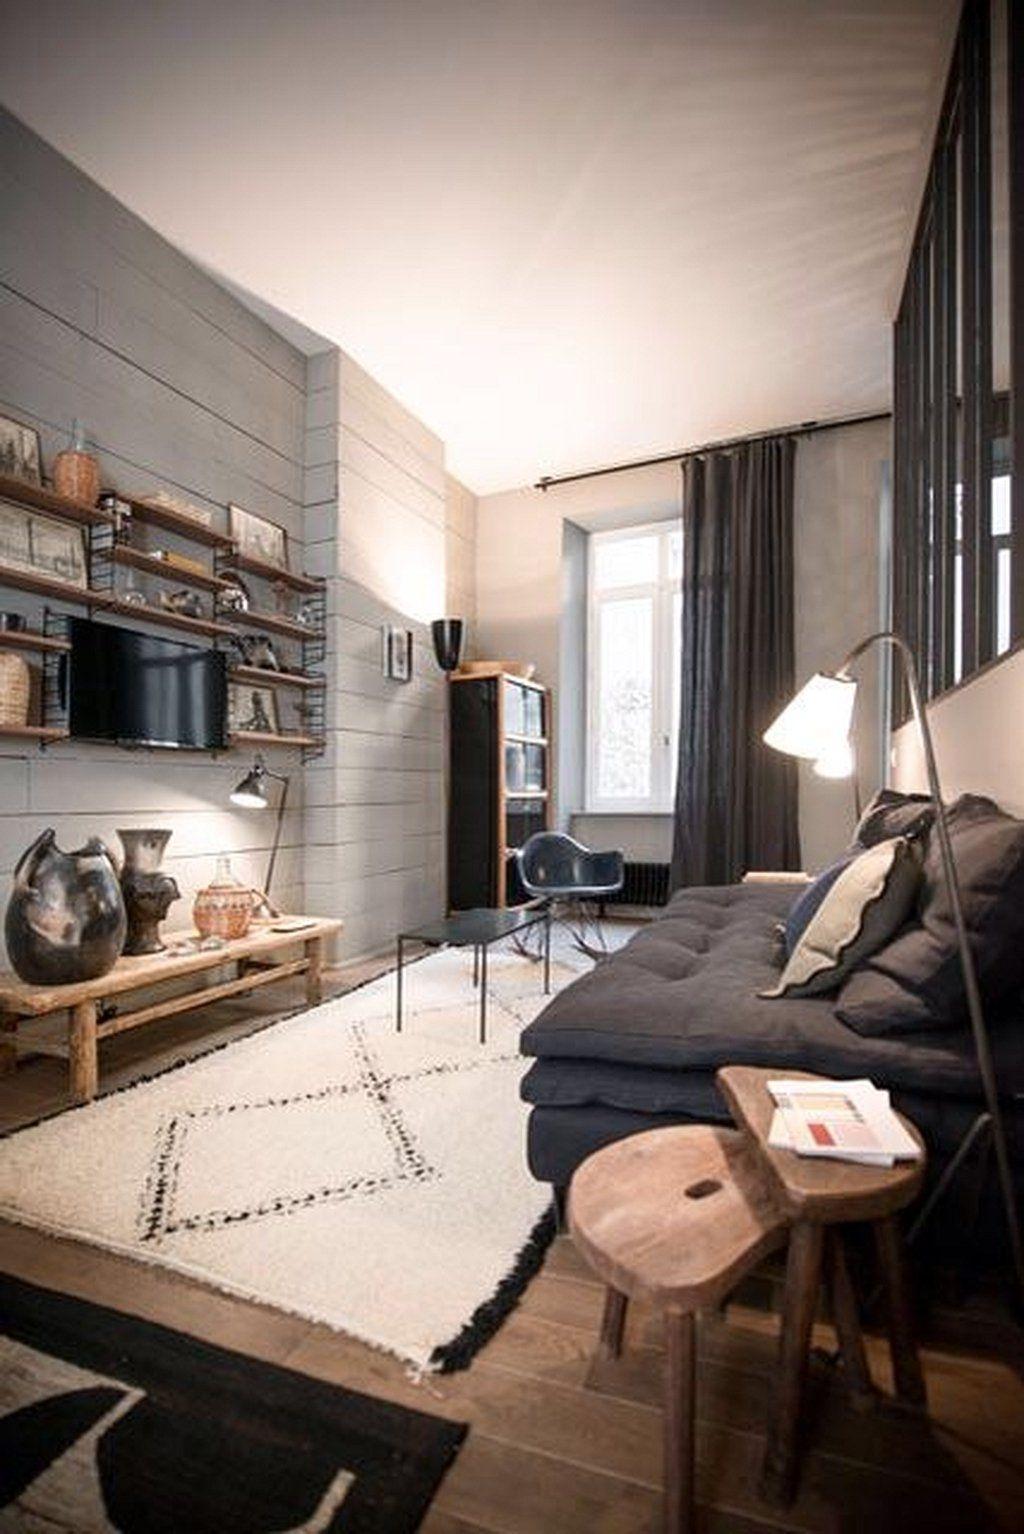 Idée déco studio ma maison de rêve maison hand douillette tapis salon